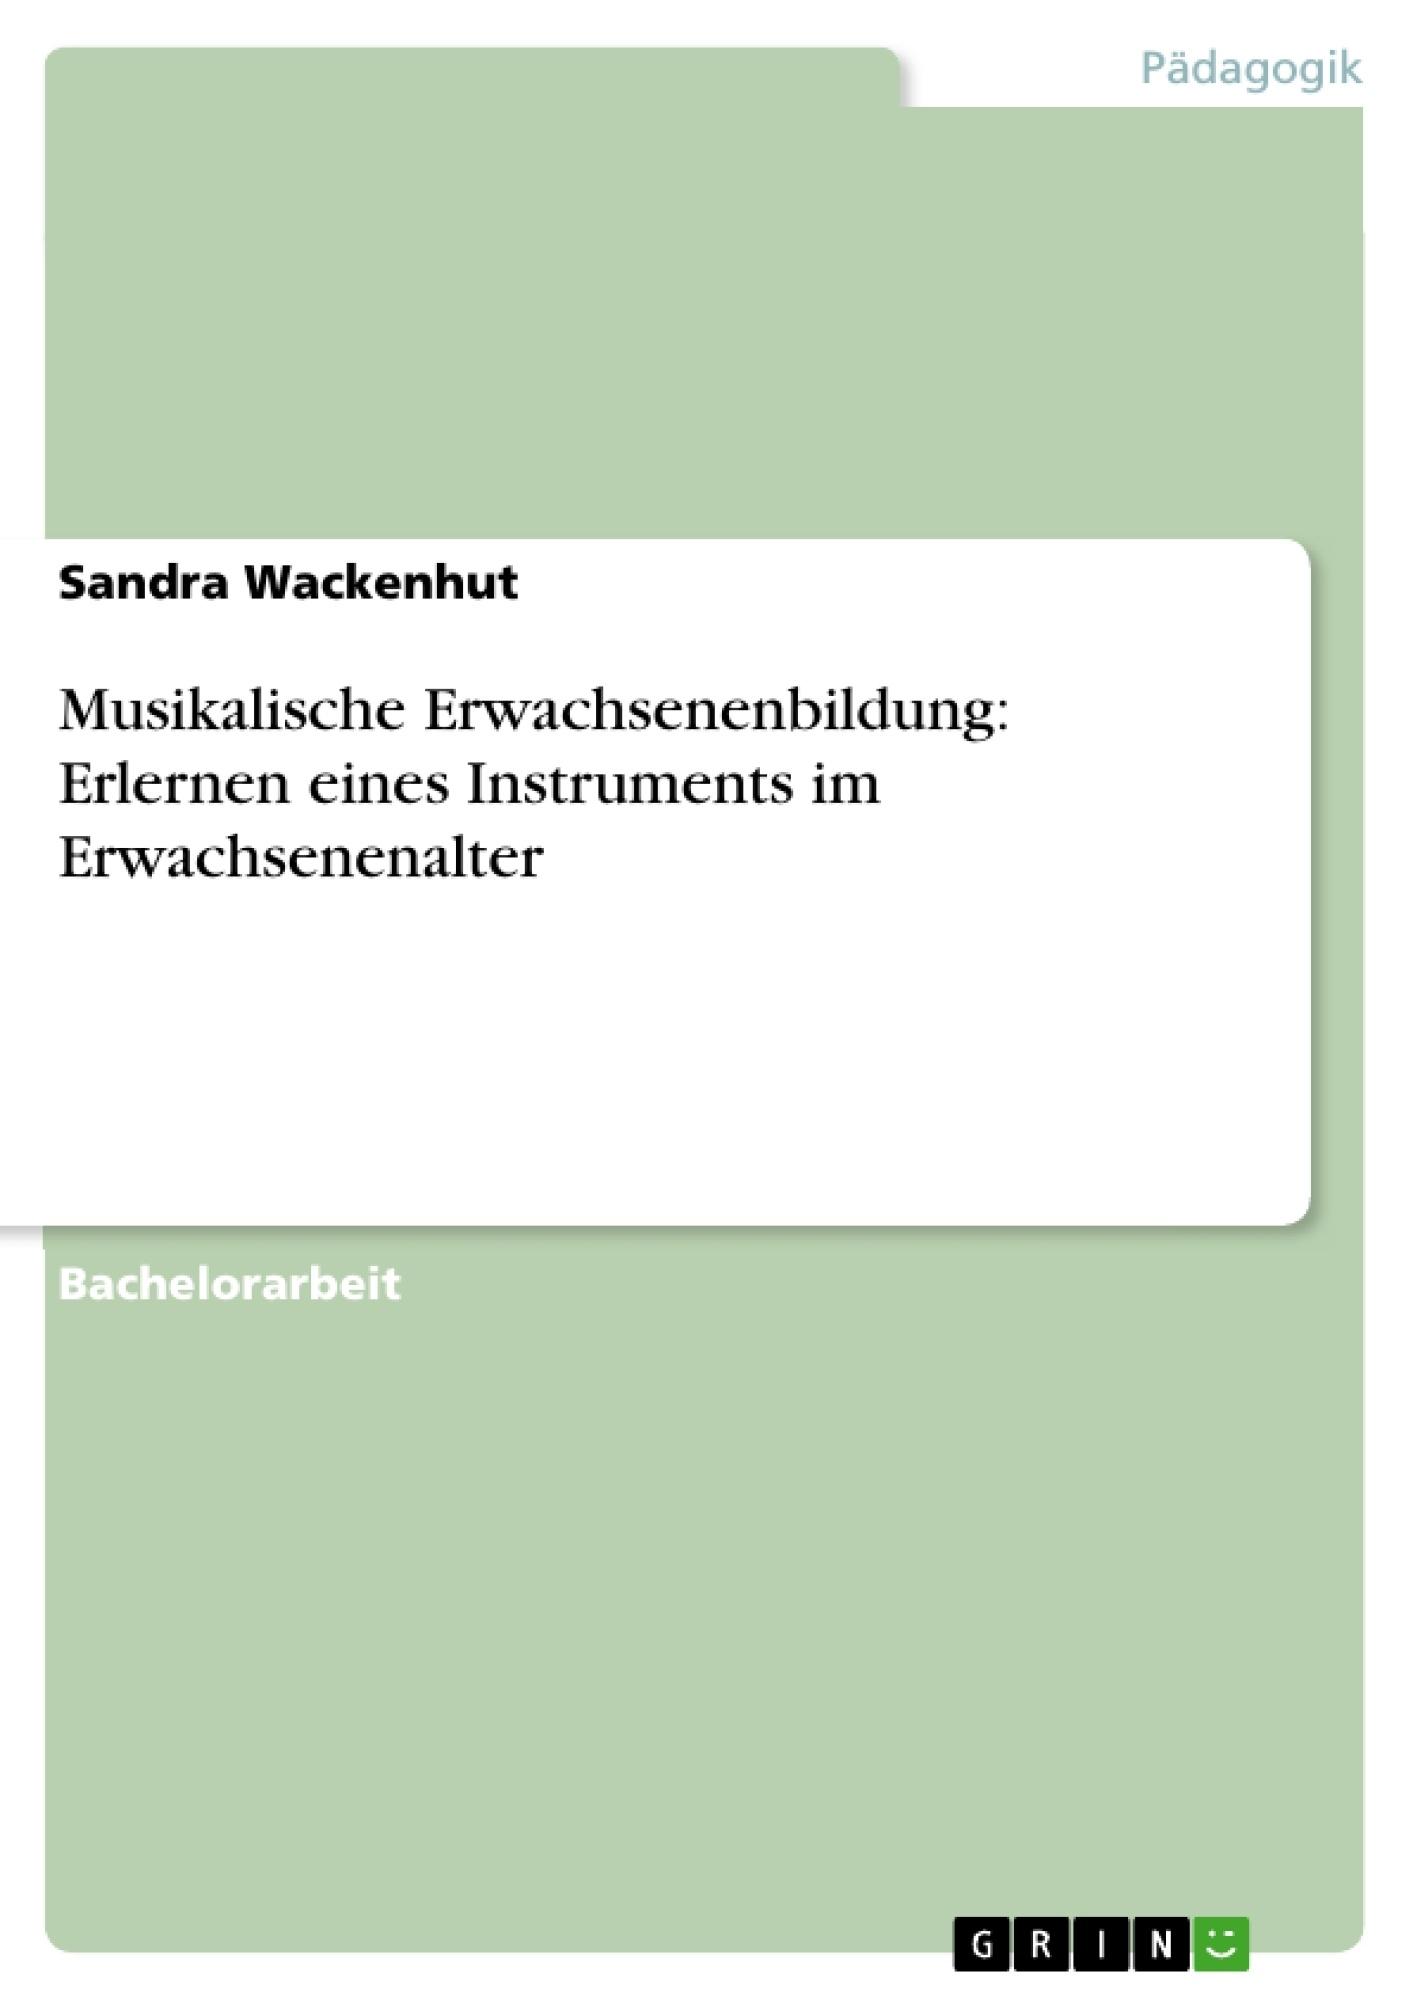 Titel: Musikalische Erwachsenenbildung: Erlernen eines Instruments im Erwachsenenalter